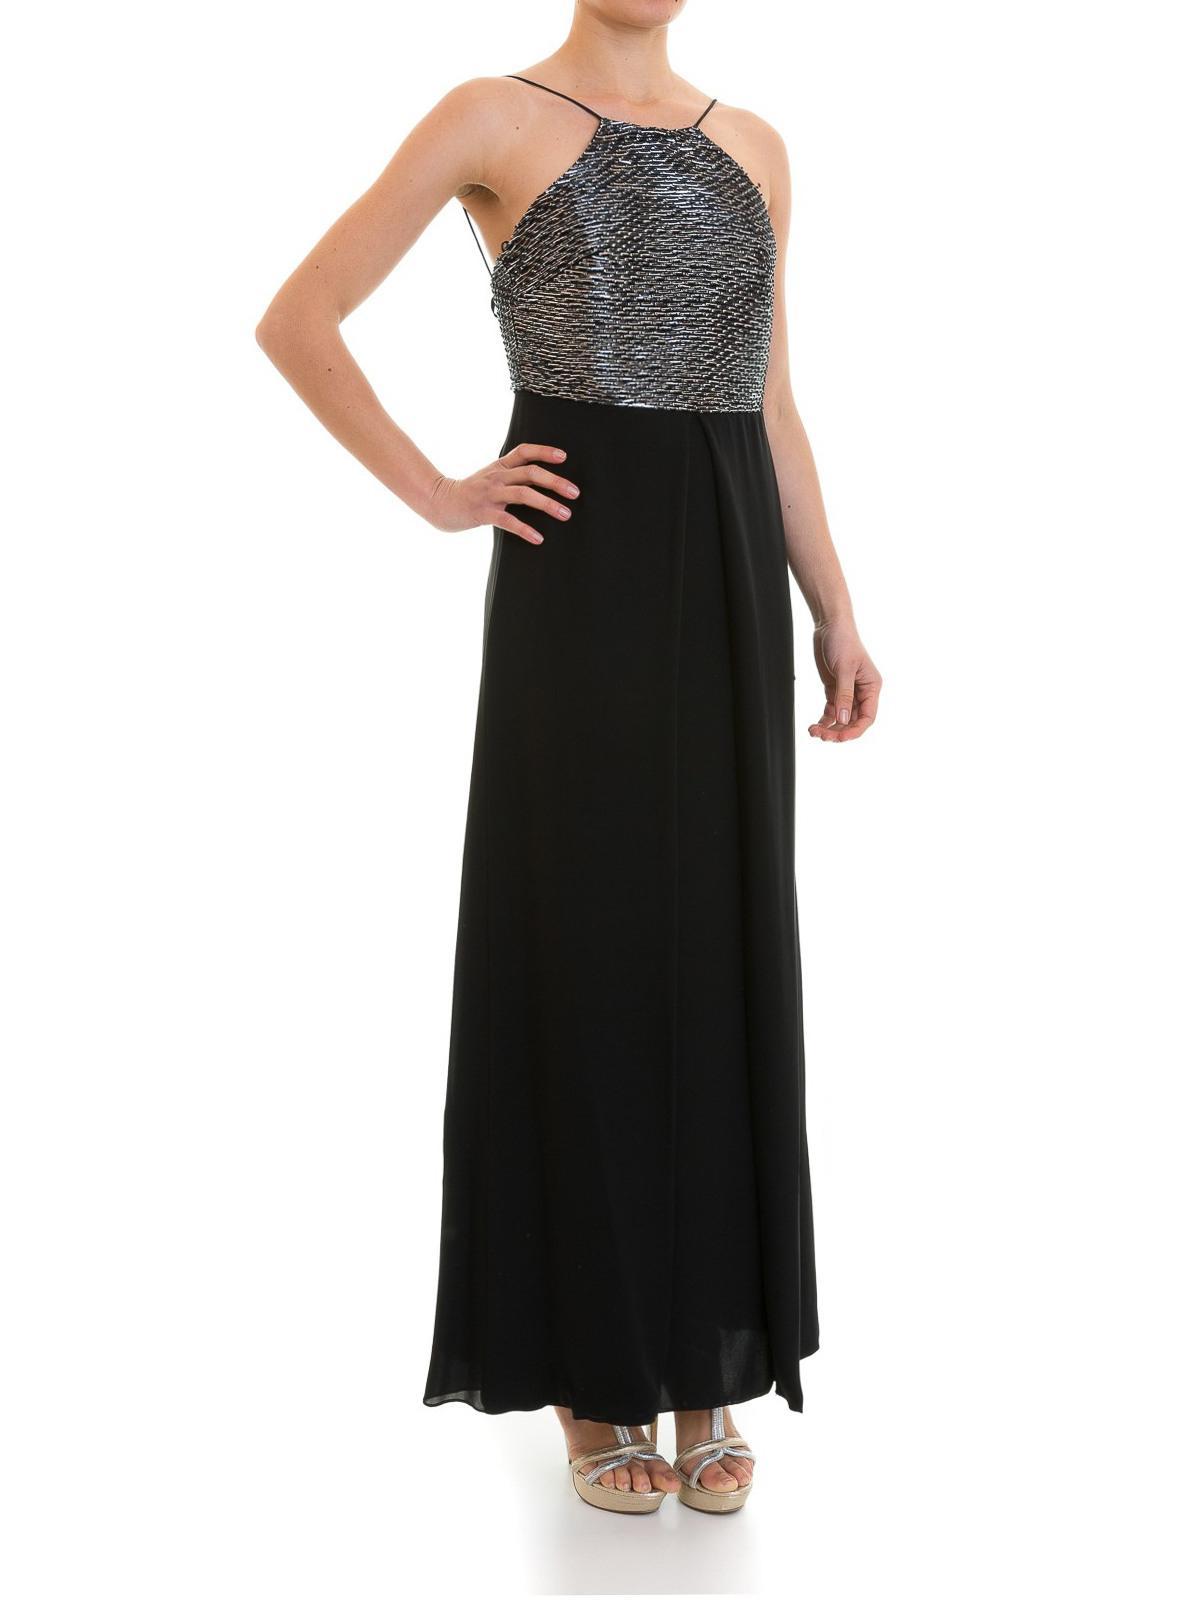 Ausgezeichnet Armani Abendkleid Boutique Fantastisch Armani Abendkleid Spezialgebiet